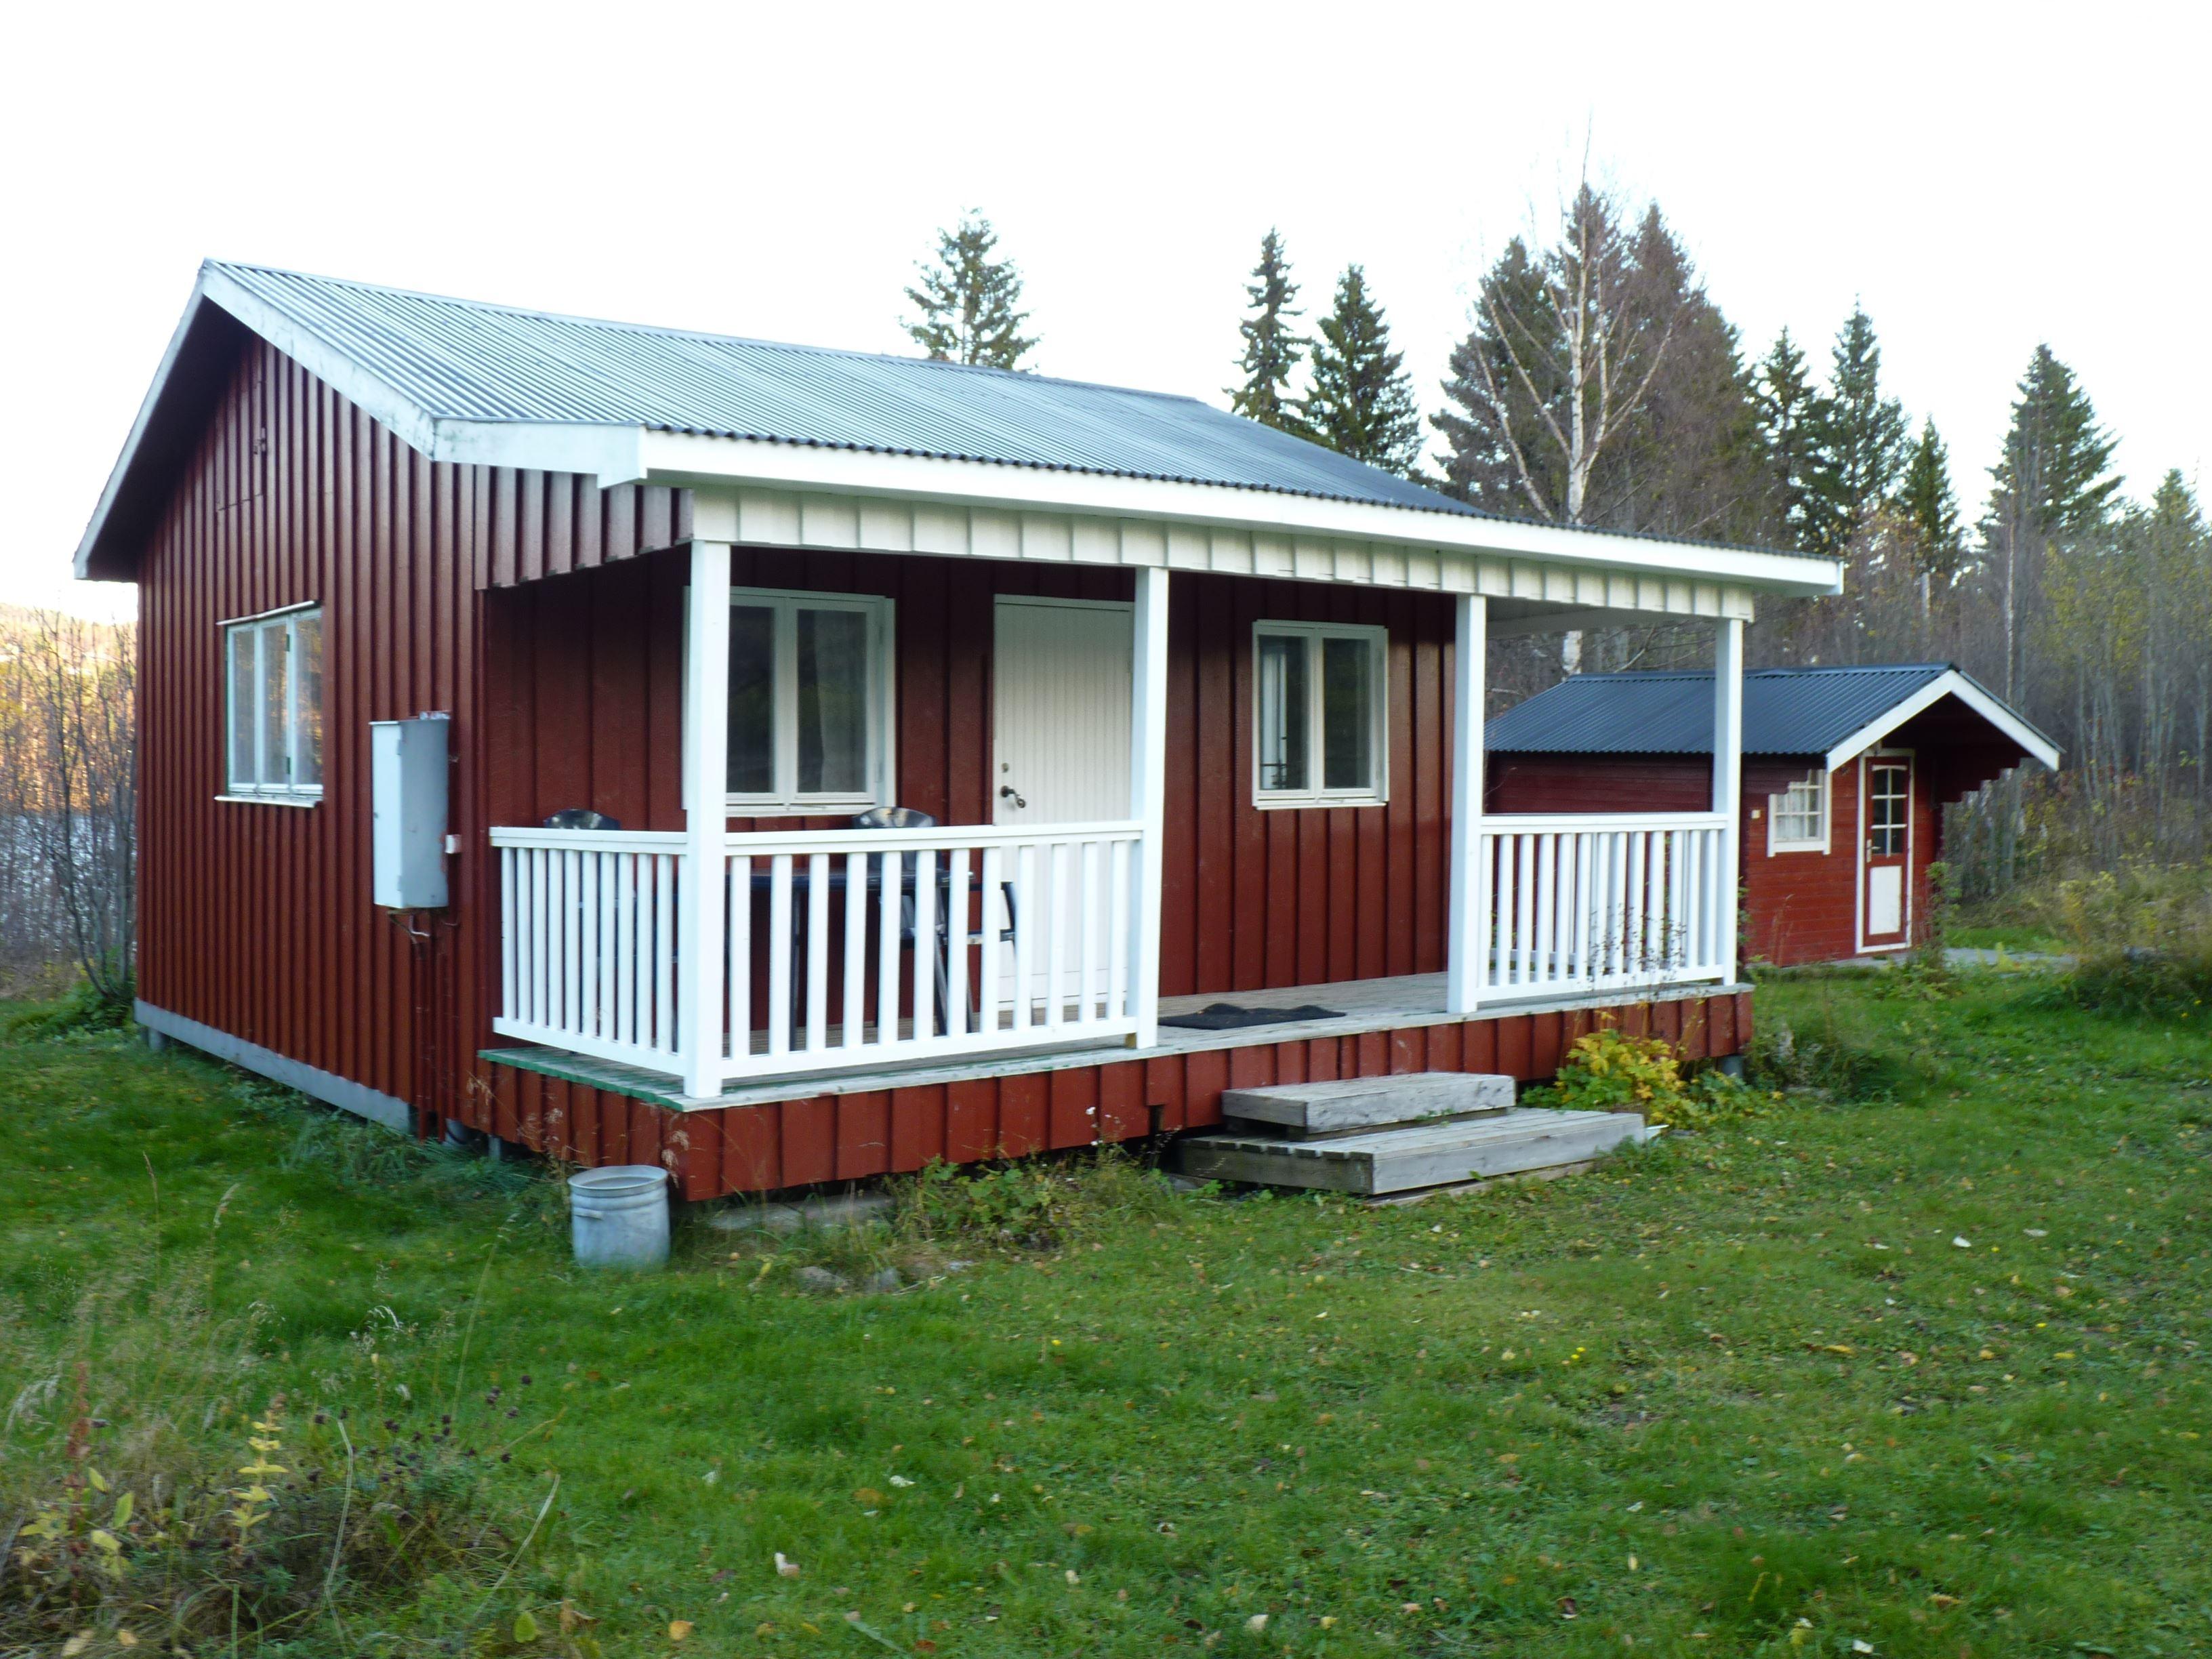 Hammarstrands Camping/Ferienhäuser